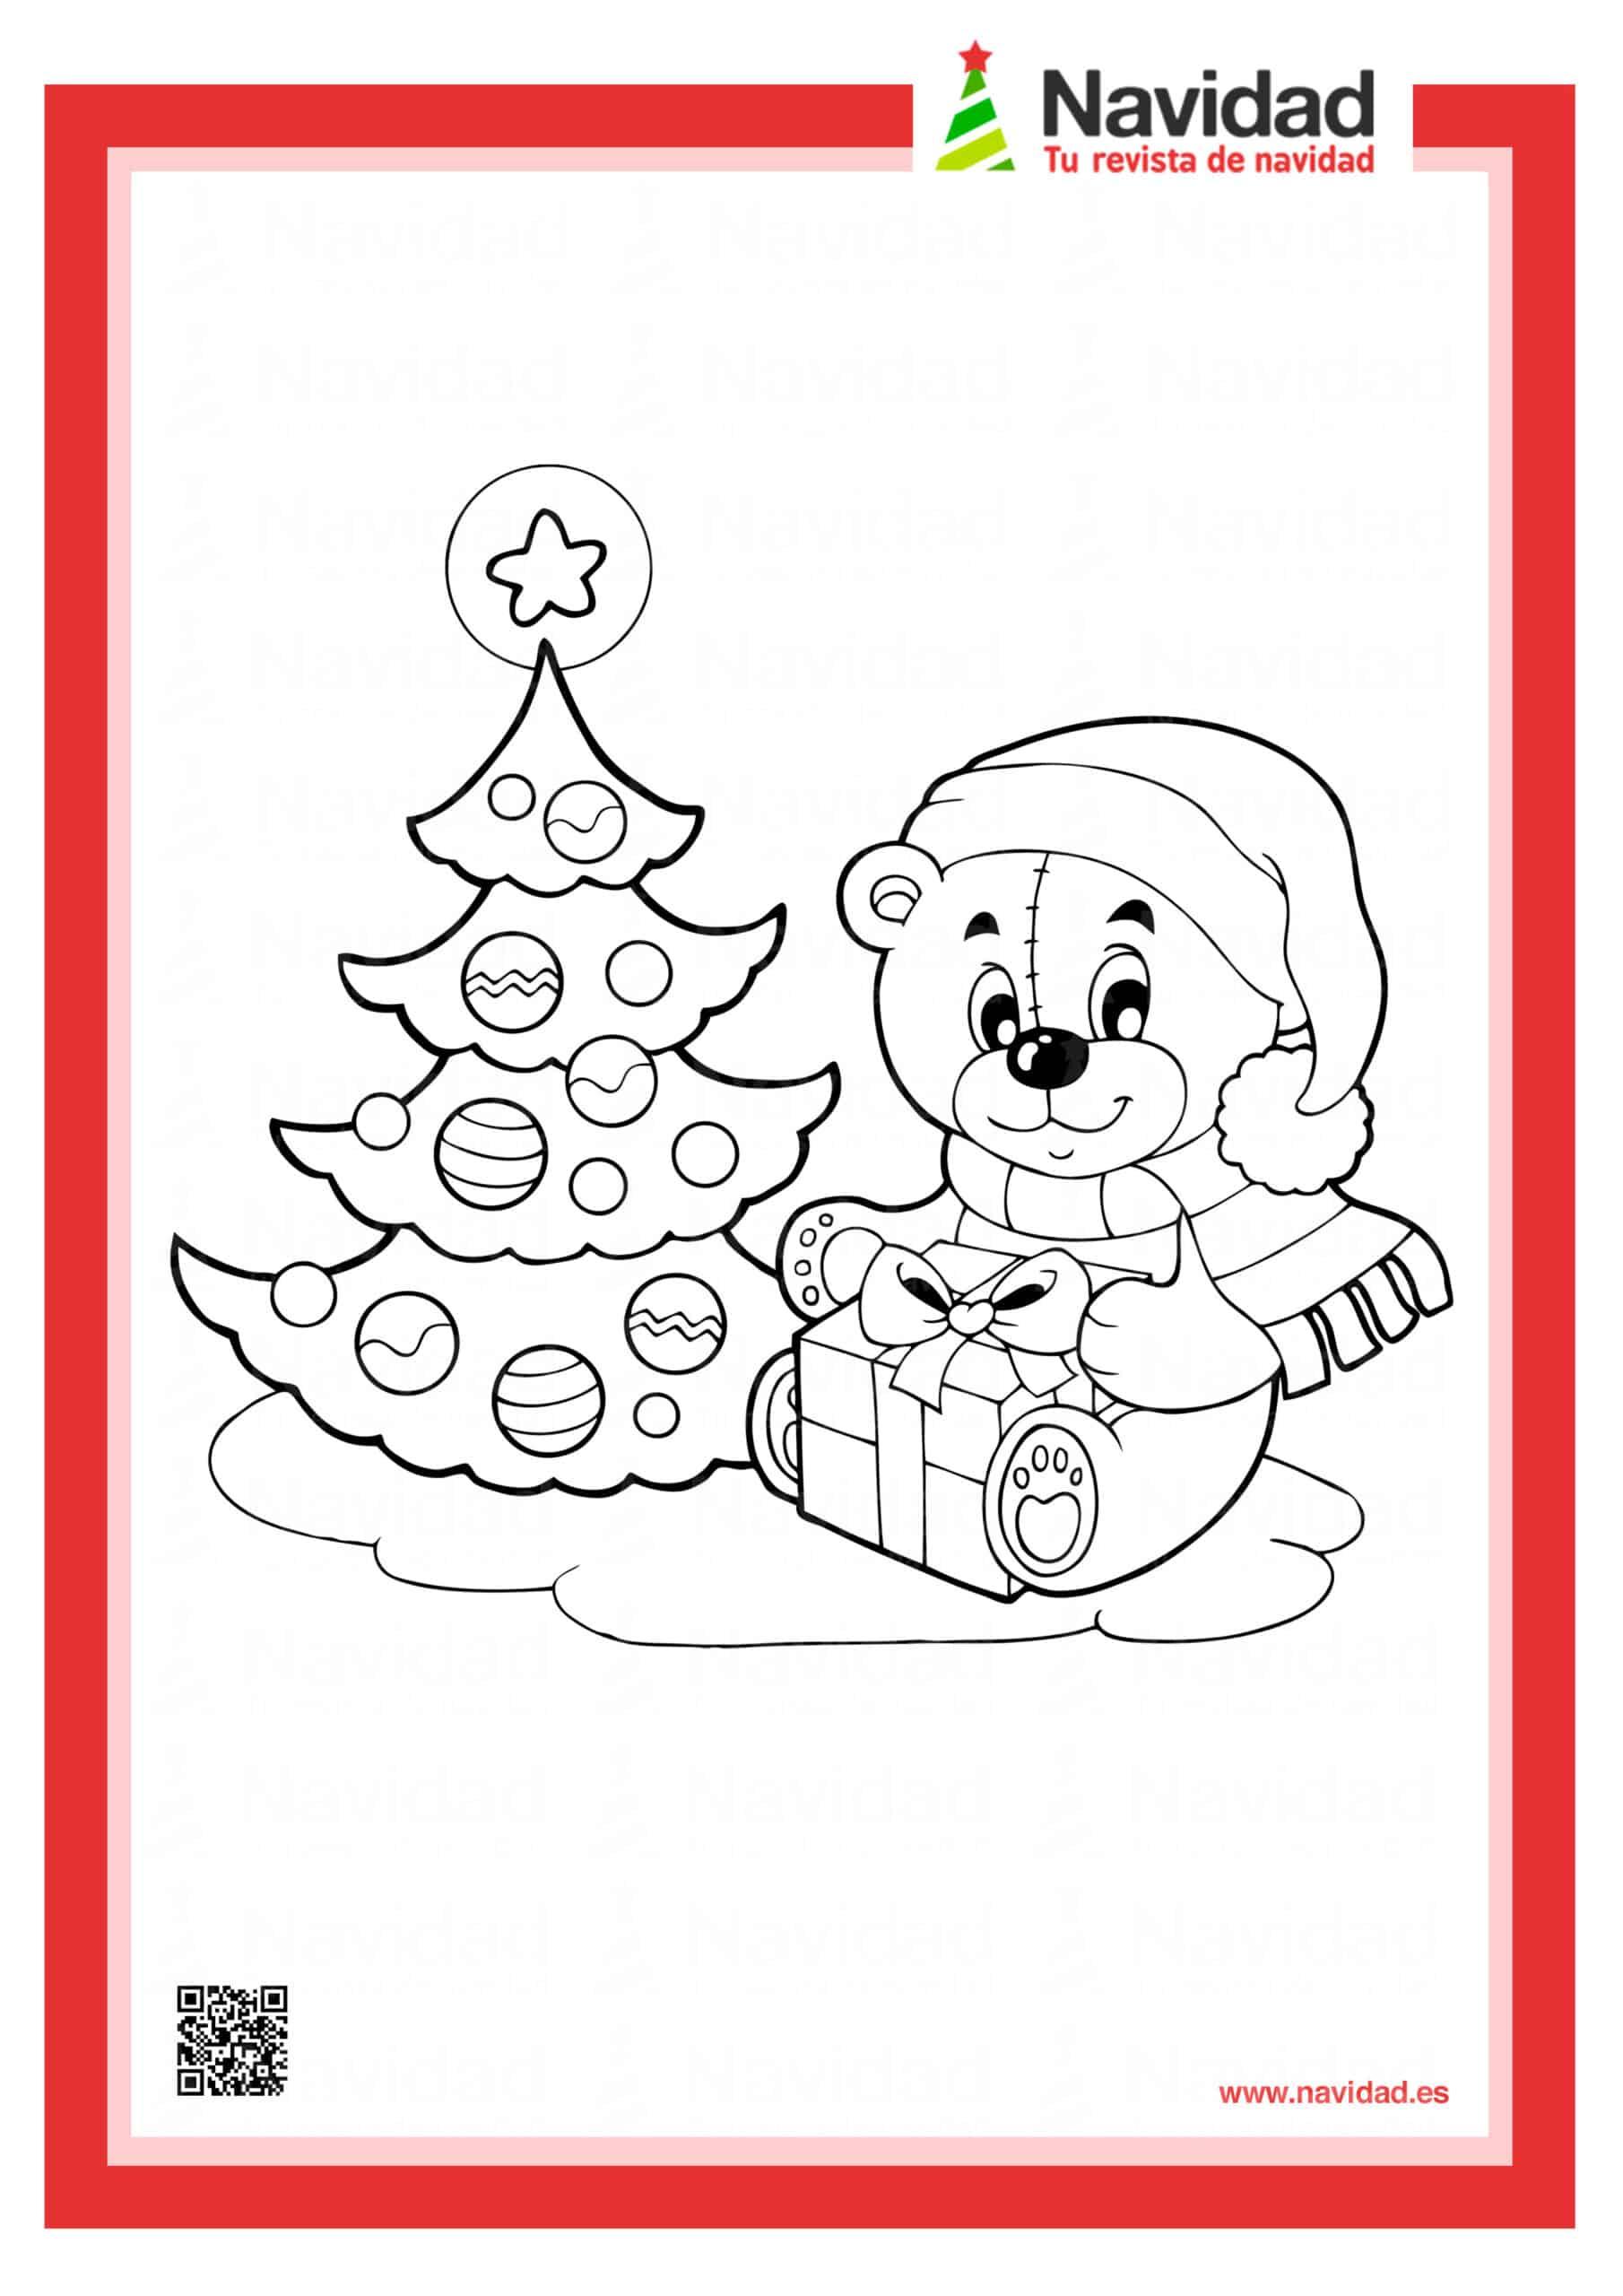 Dibujos navideños para colorear con los hijos esta Navidad 11